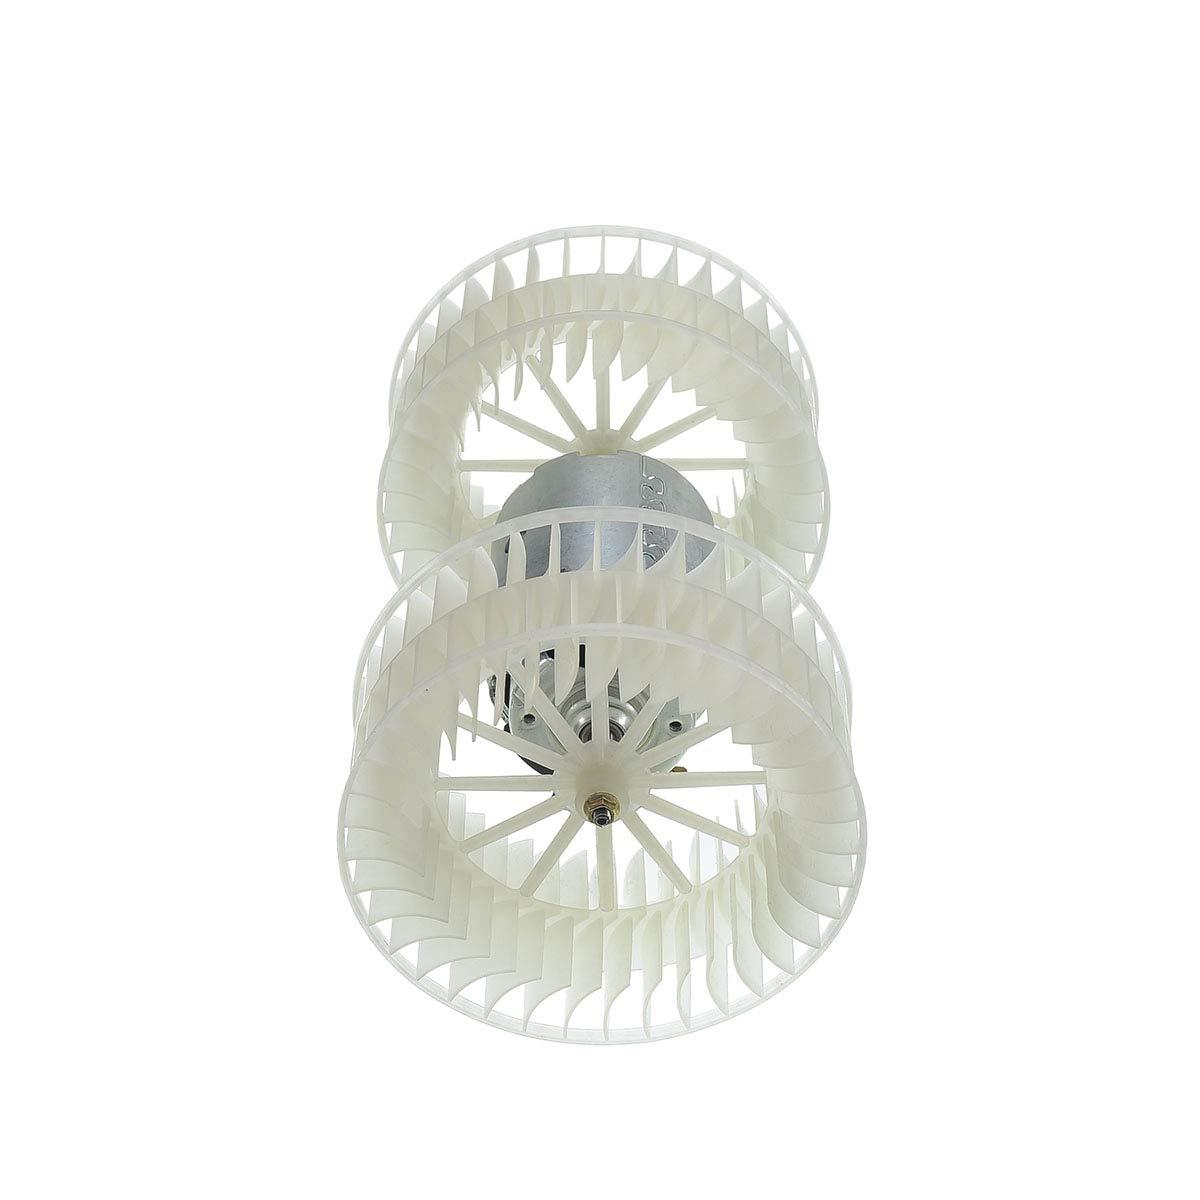 Ventilador interior de ventilador de calefacci/ón motor para 5ER E34 7ER E32 8ER E31 1986-1999 64111374377